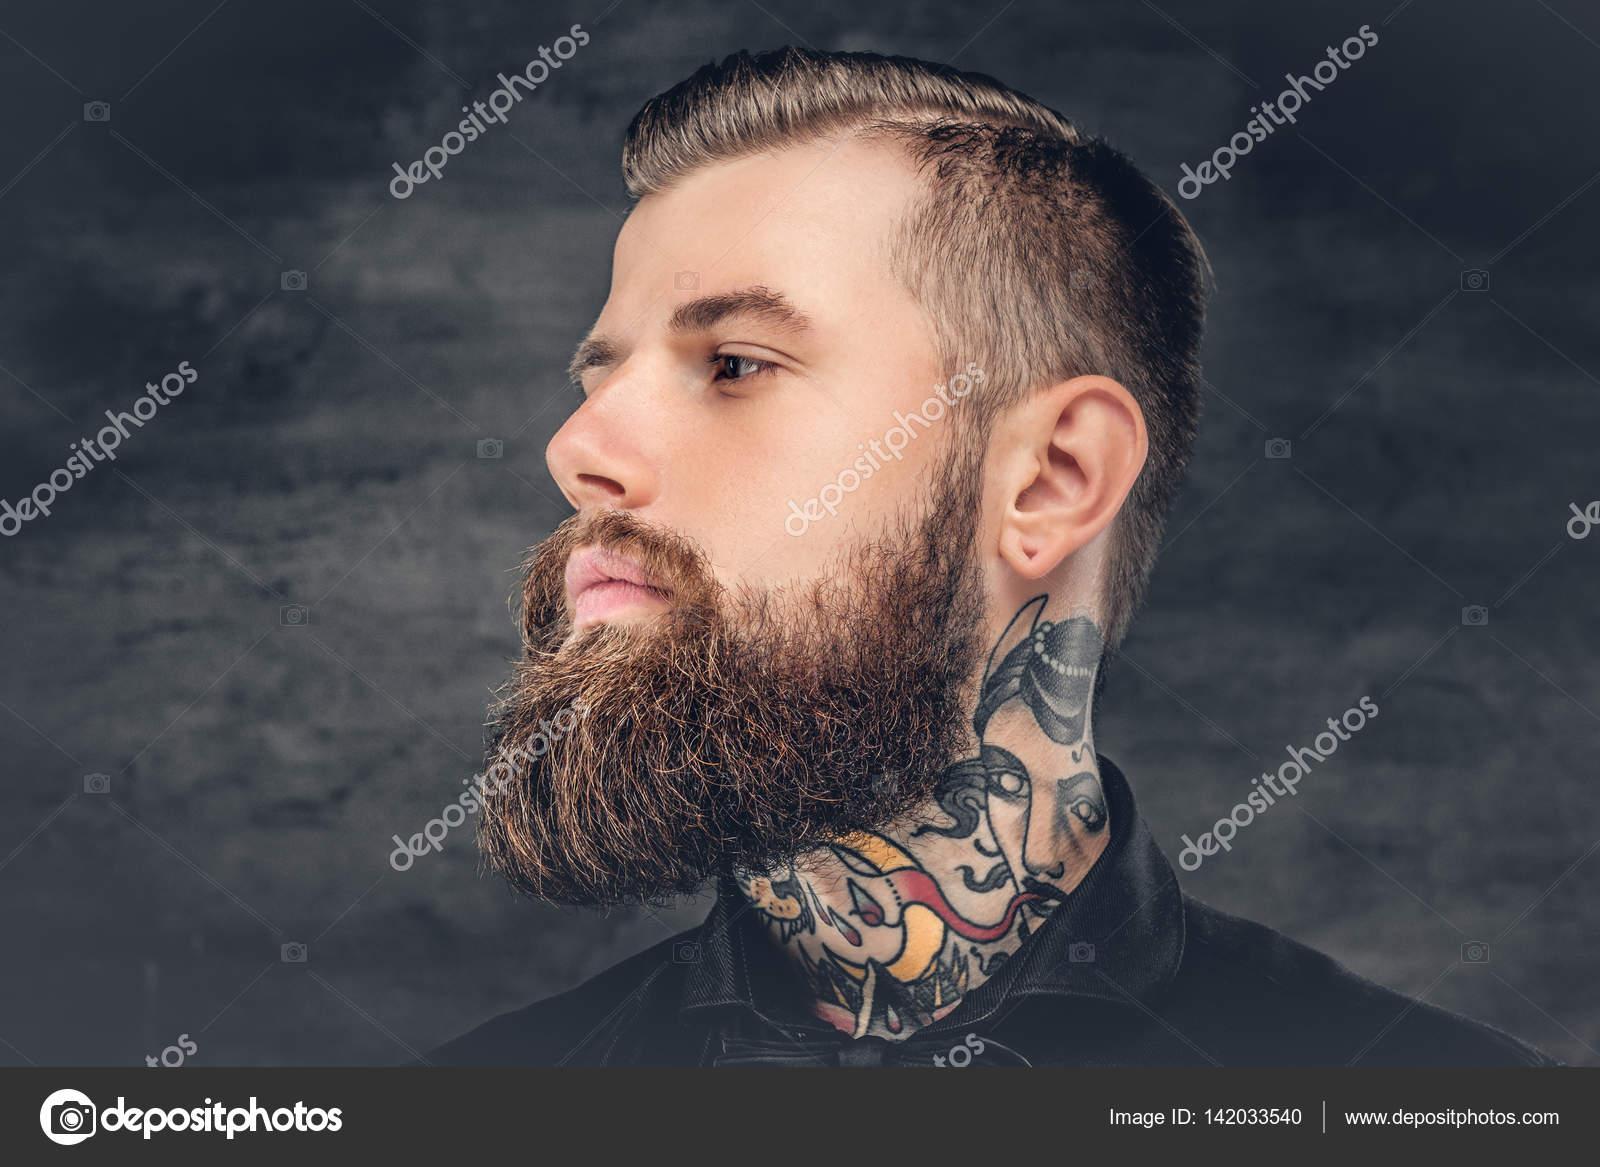 homme avec le tatouage sur son cou — photographie fxquadro © #142033540